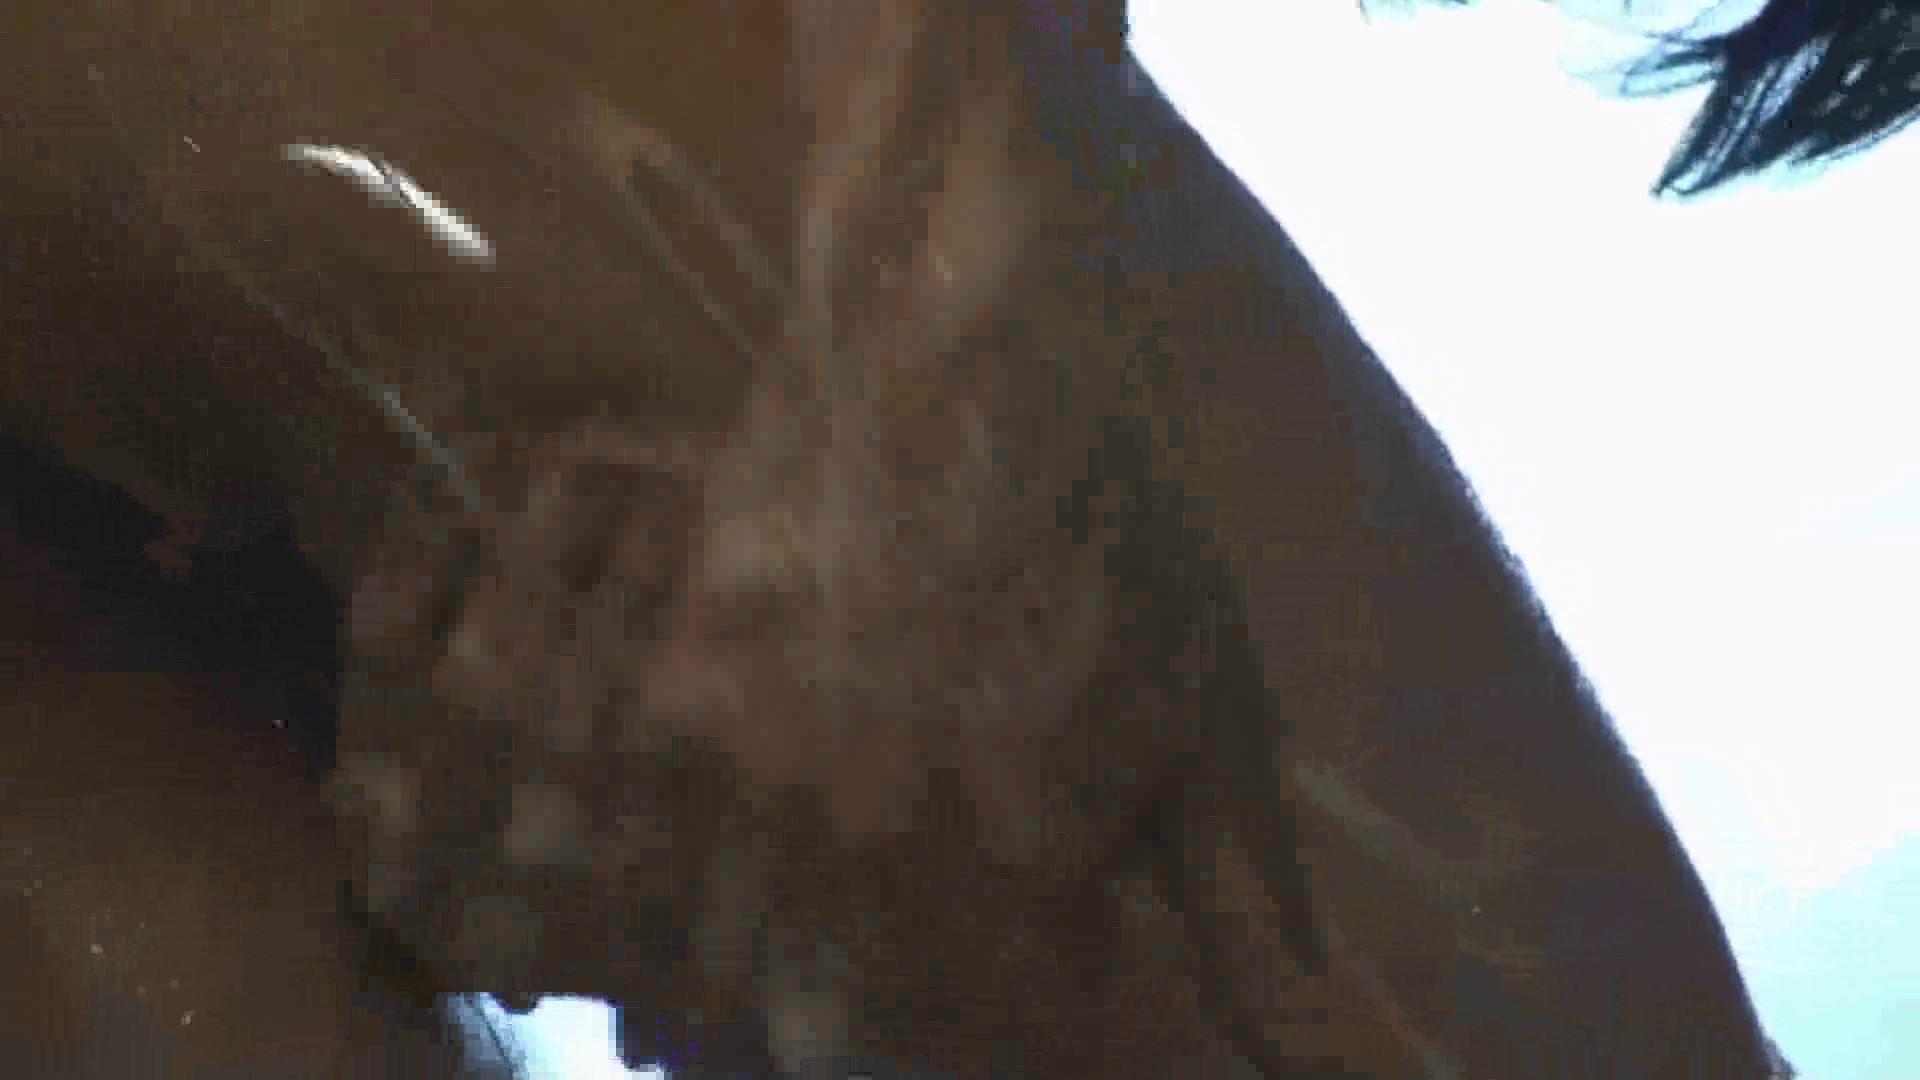 色白イケメン君のセクシーパラダイスムービーショー後編 スリム美少年系ジャニ系 ゲイエロ動画 101枚 43